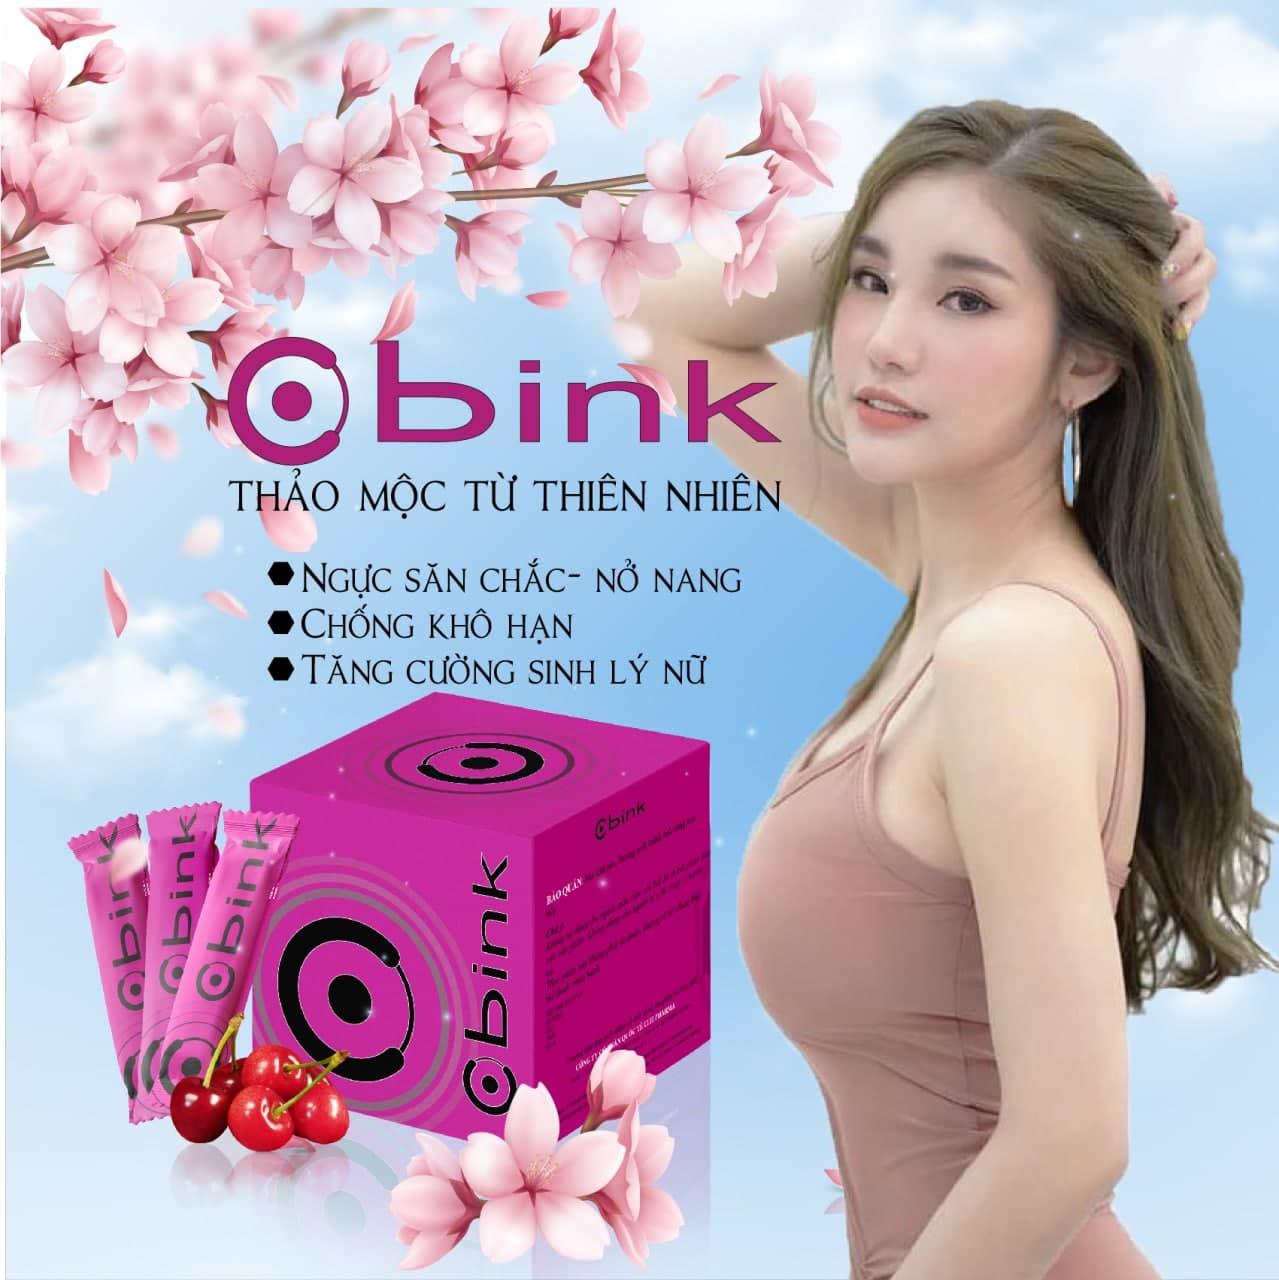 CBINK với thành phần chiết xuất từ hạt nho với công dụng giúp chống lão hoá siêu đẳng và giúp tăng vòng 1 tự nhiên - Ảnh 4